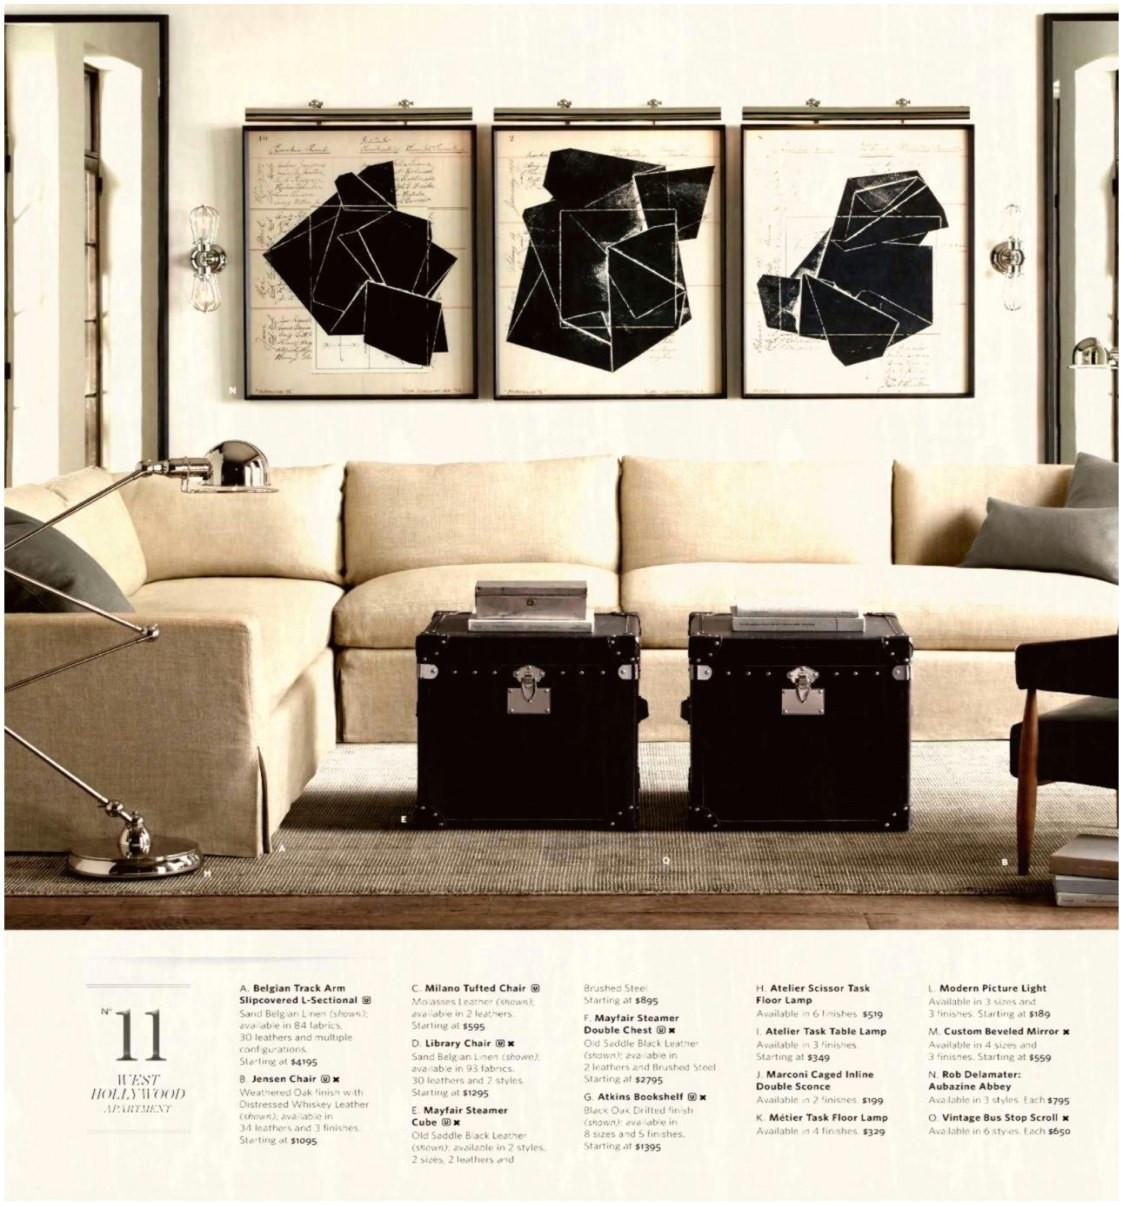 gray living room ideas vintage style room ideas bedroom cool gray bedroom decor of gray living room ideas jpg